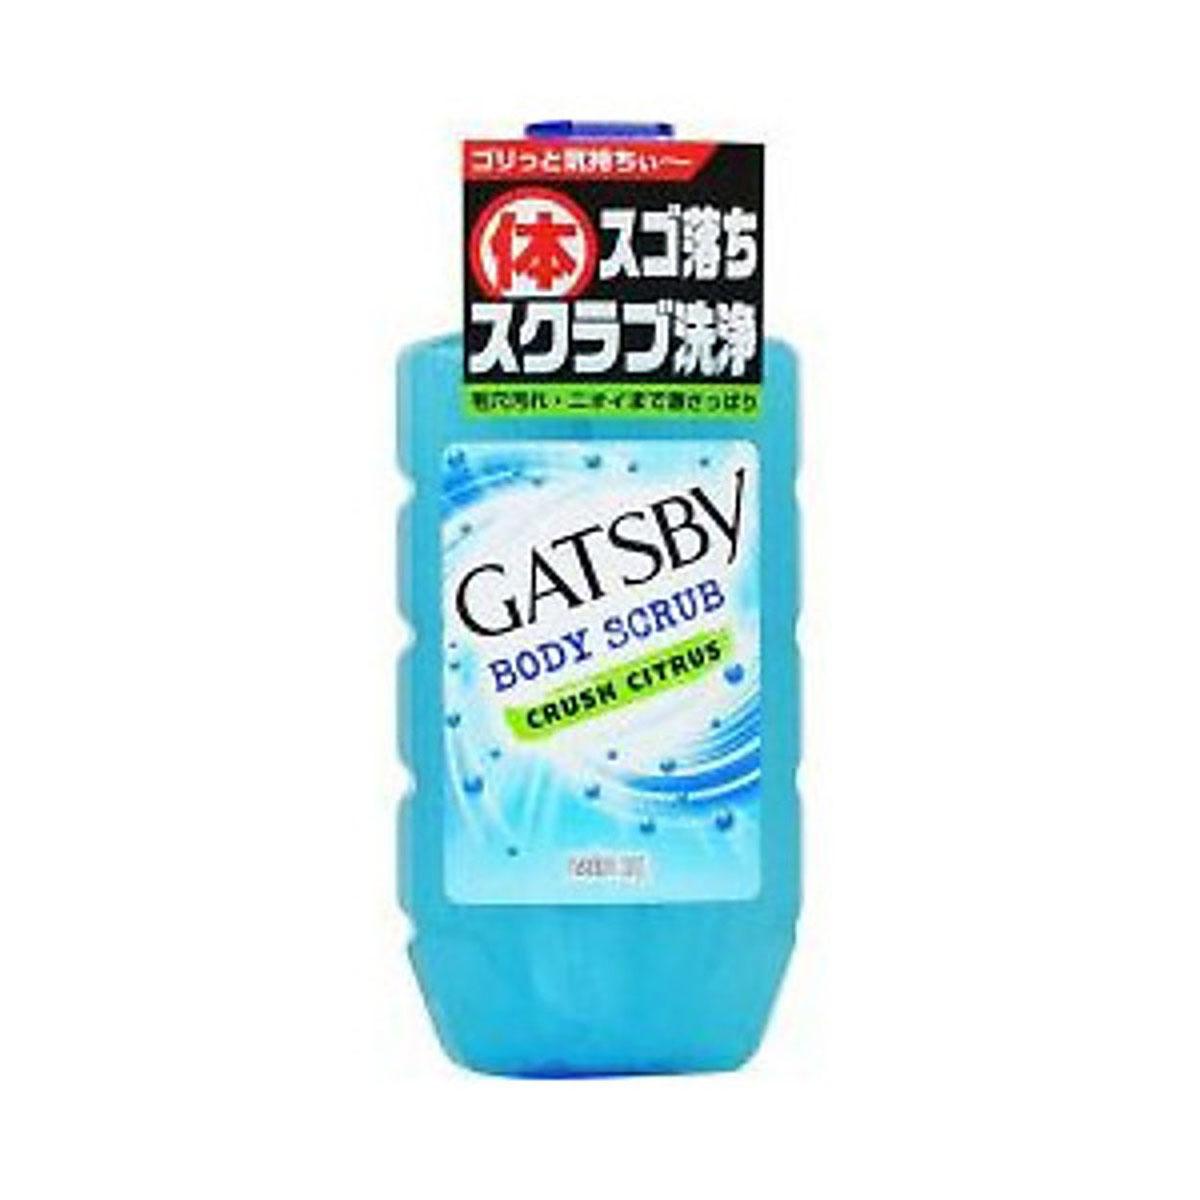 GATSBY Гель-Скраб для душа для мужчин освежающий и охлаждающий 300 мл38395Гель для душа с крупными скрабирующими гранулами интенсивно очищает кожу, удаляя загряднение даже из глубины пор, эффективно борется с запахм пота. Имеет массажный эффект. Бодрящий аромат цитруса и мяты. Применение: нанасти на руки или мочалку и массажными движениями распрелить по телу, смыть водой. Состав: вода, PG, лауриновая кислота, полиэтилен, гидроксид K, сополимеры алкилакрилатов, этанол, миристиновая кислота, лаурил бетаин, (алкил акрилат / метакриловой кислоты Steareth-20) сополимеры, ментол, токоферола ацетат, ксантановая смола, EDTA-4Na, сульфит натрия, гидроксиапатит, оксид алюминия, метилпарабен, ароматизатор, синий 404